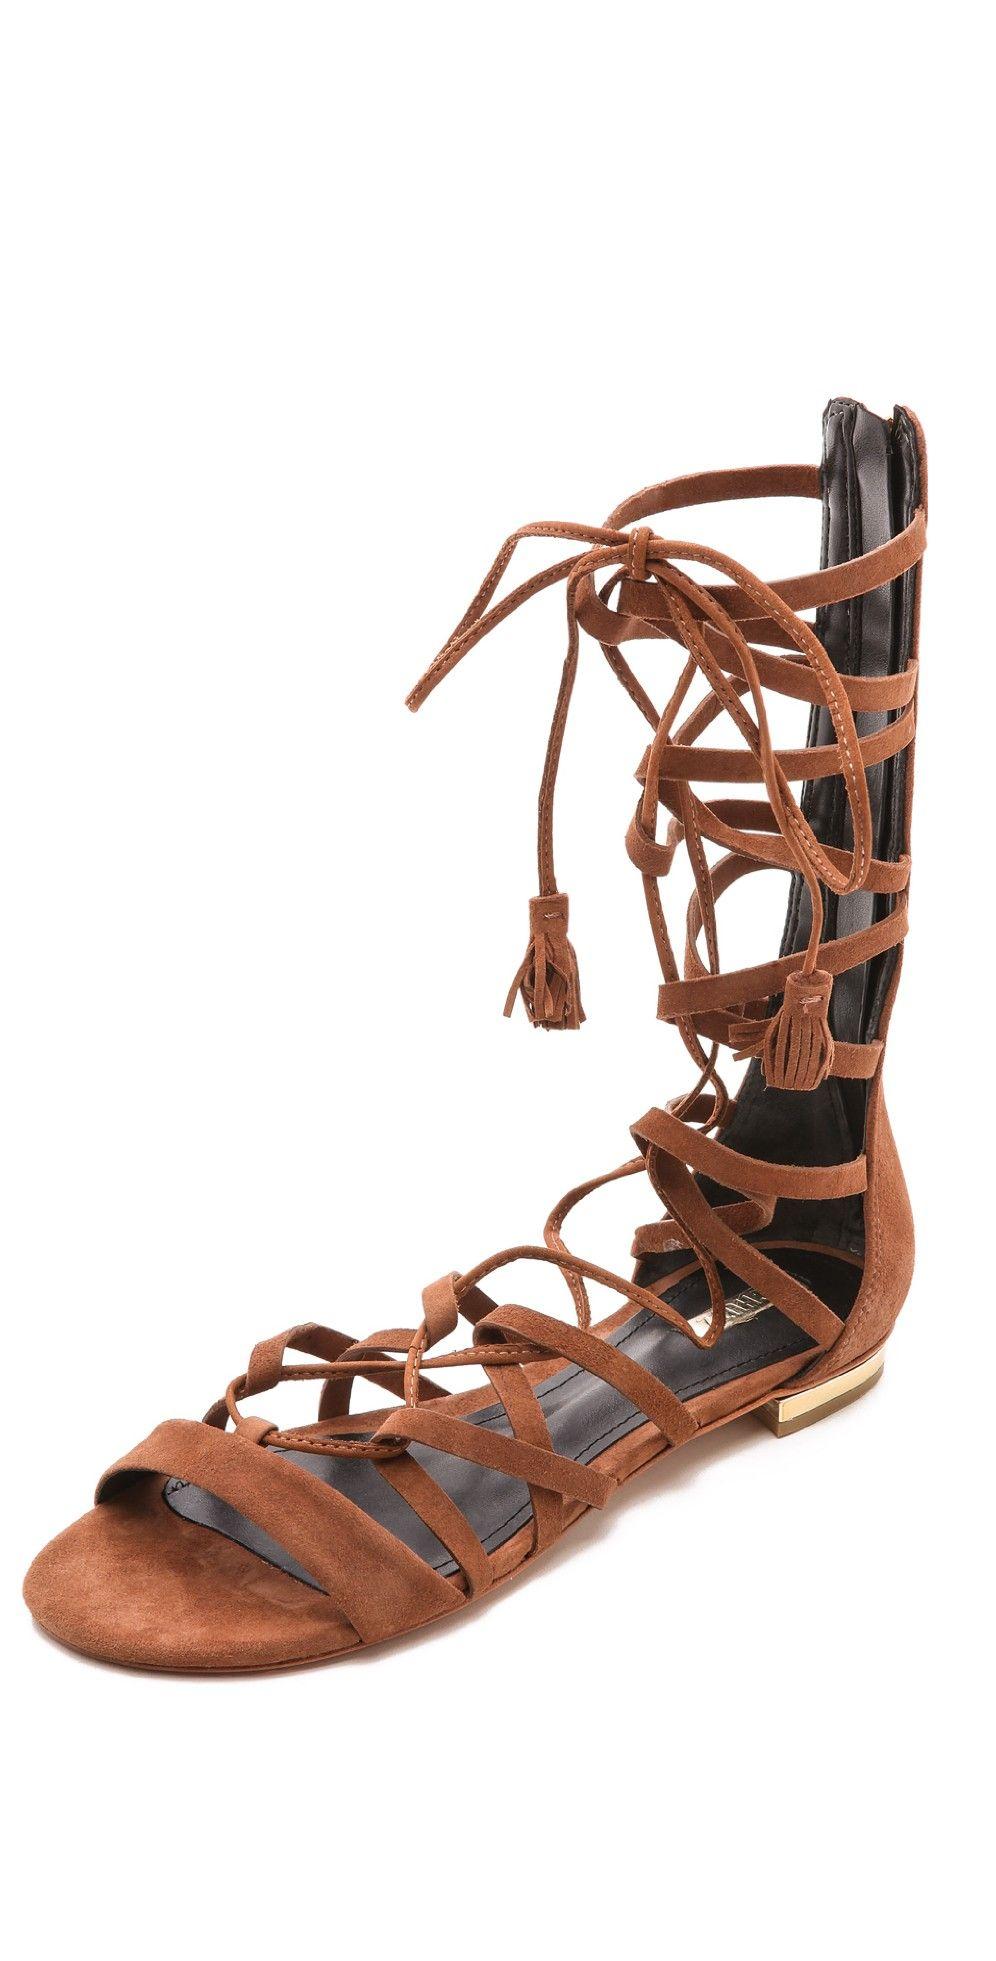 b3bbb7dda7f Schutz Billa Suede Gladiator Sandals